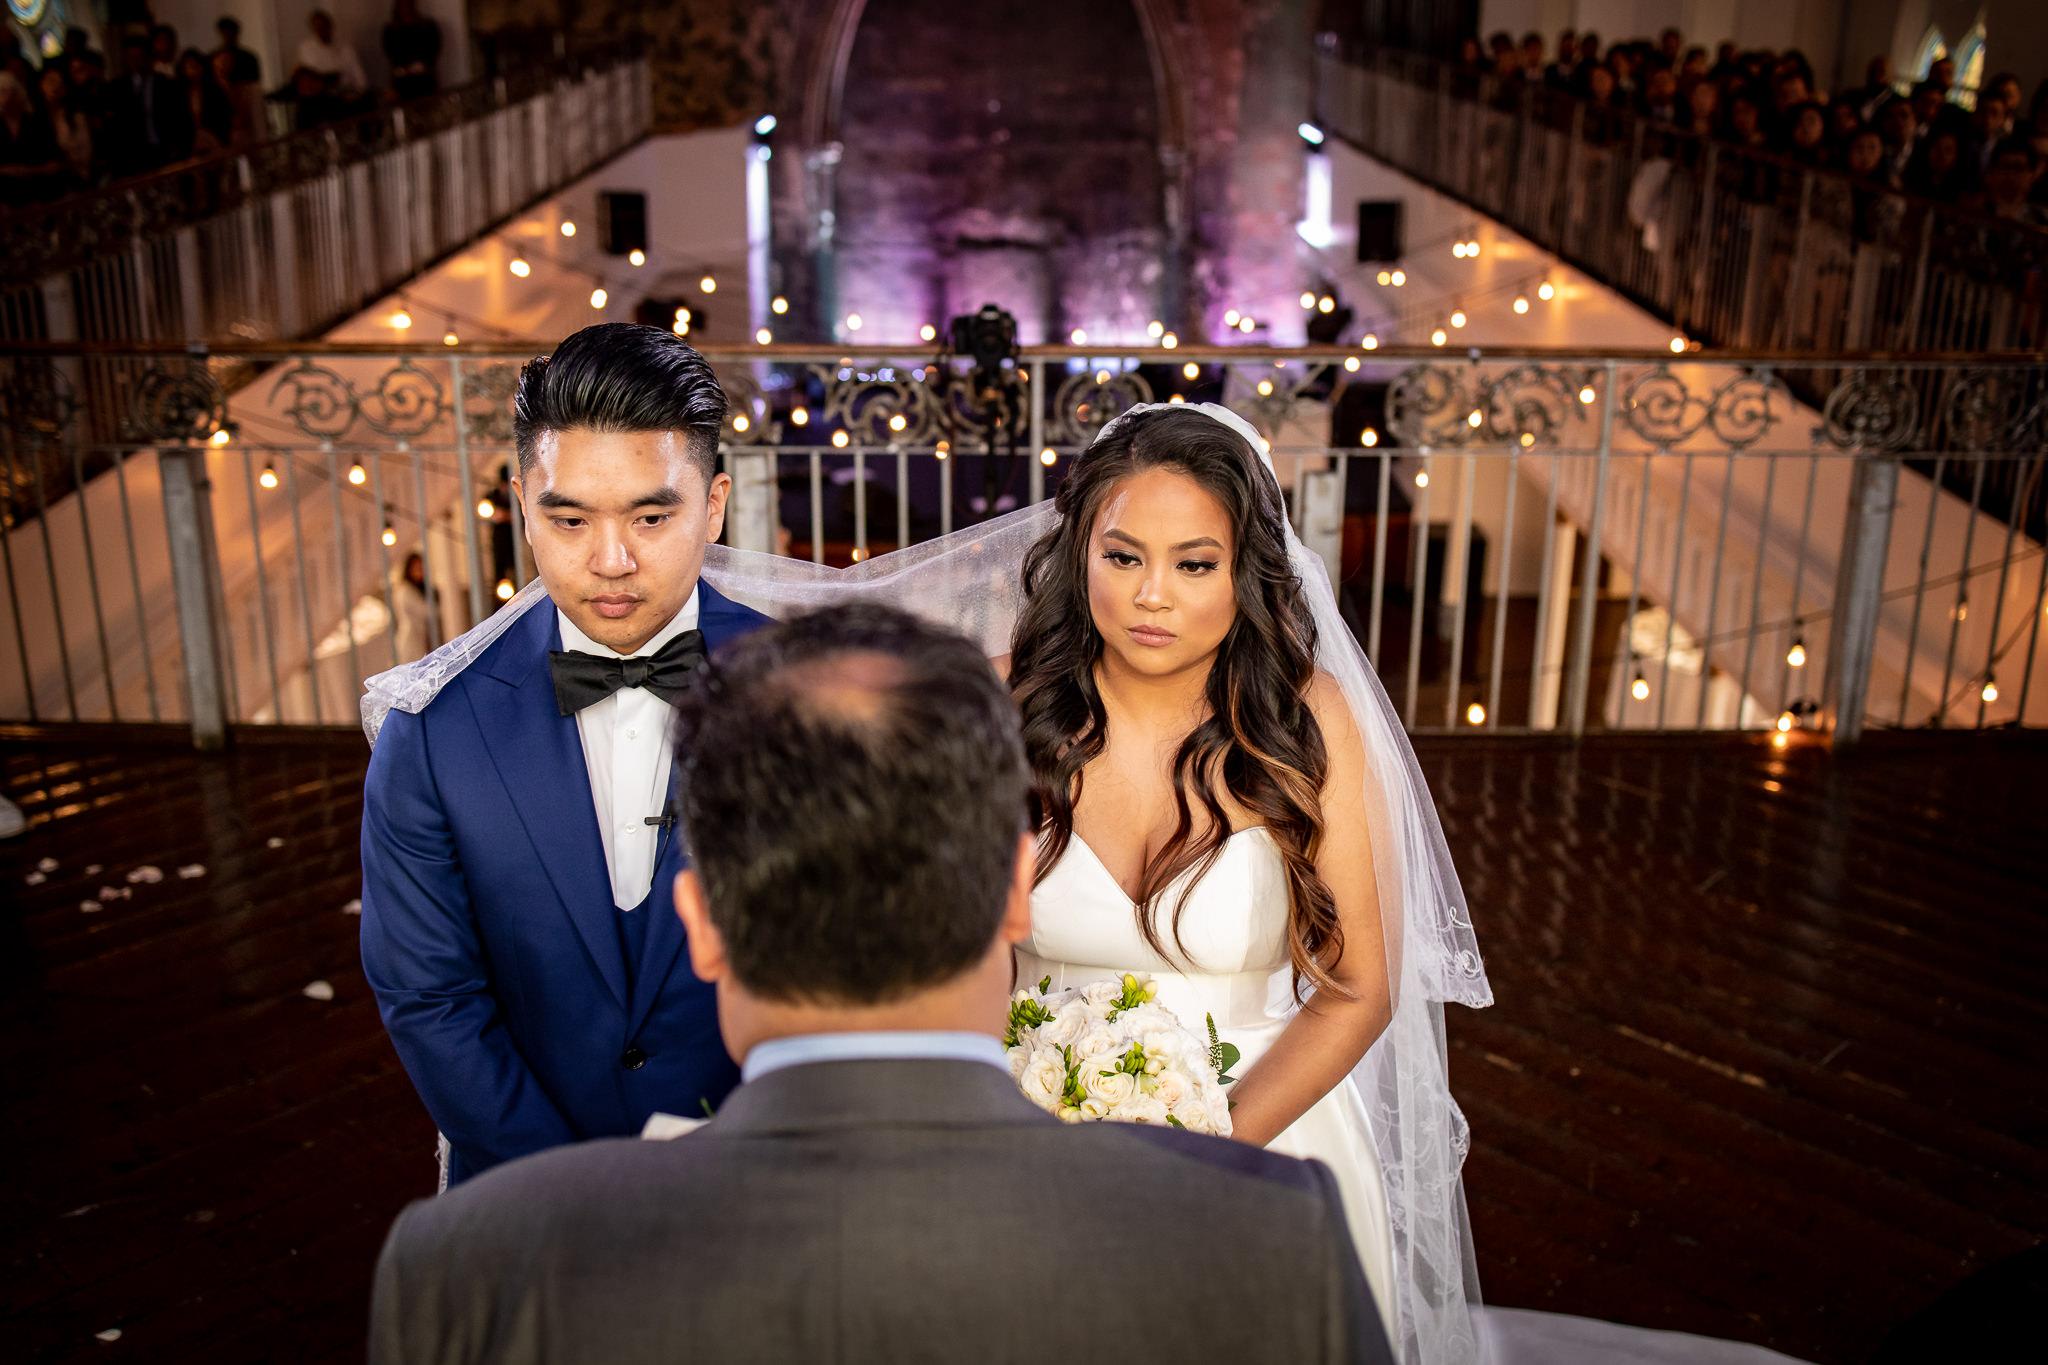 berkeley-wedding-photos-45.jpg